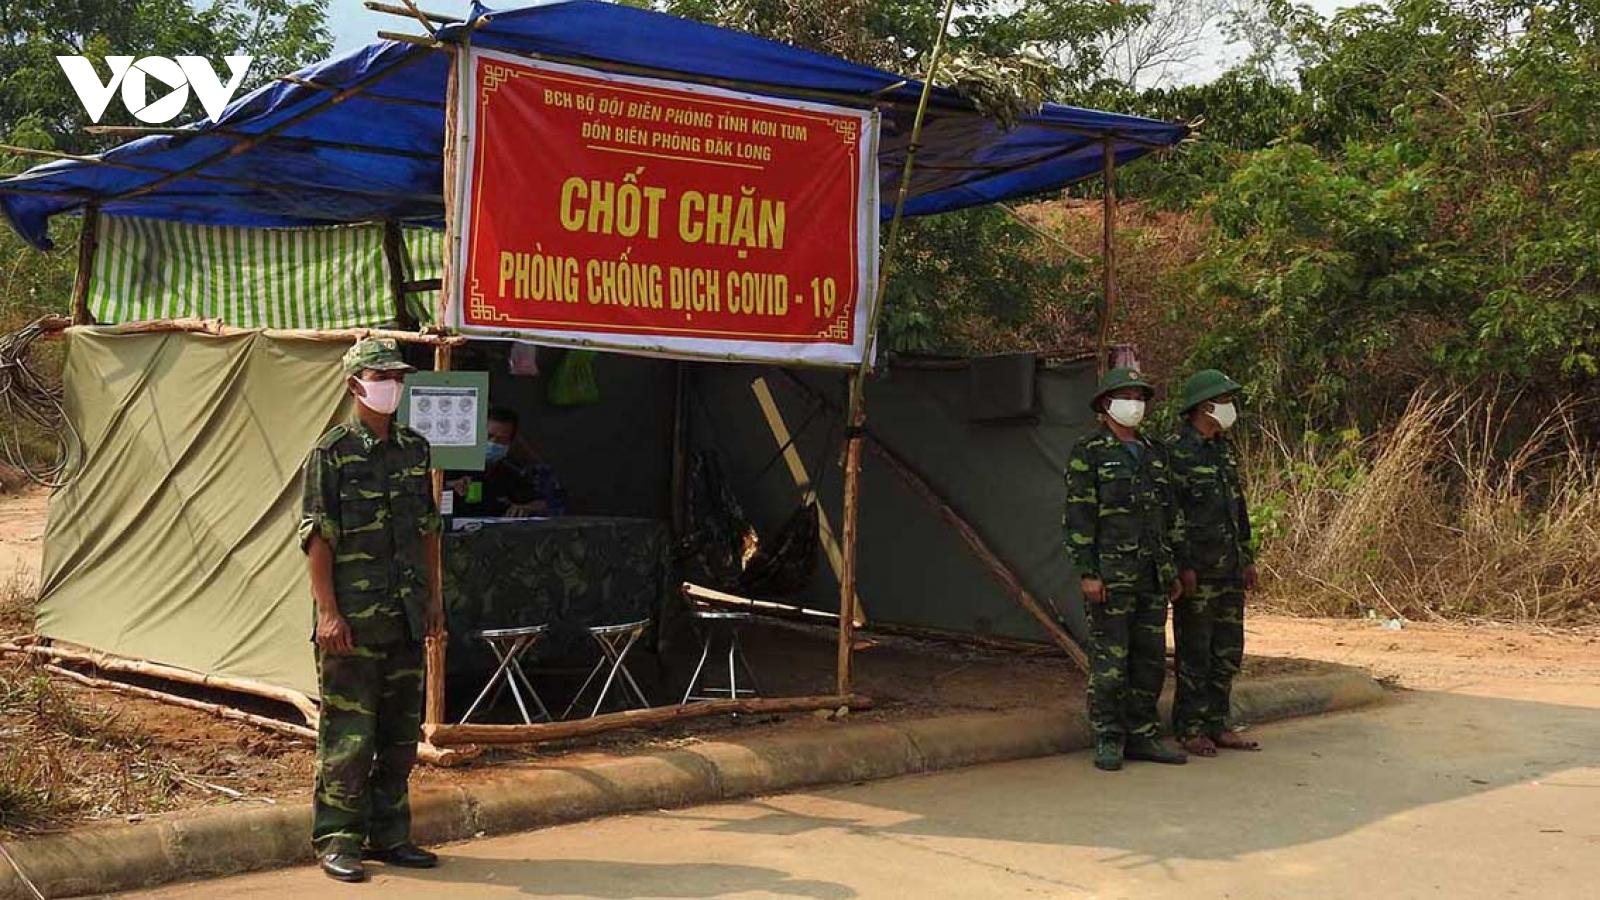 Lực lượng Biên phòng Kon Tum kiểm soát chặt biên giới để ngăn dịch Covid-19